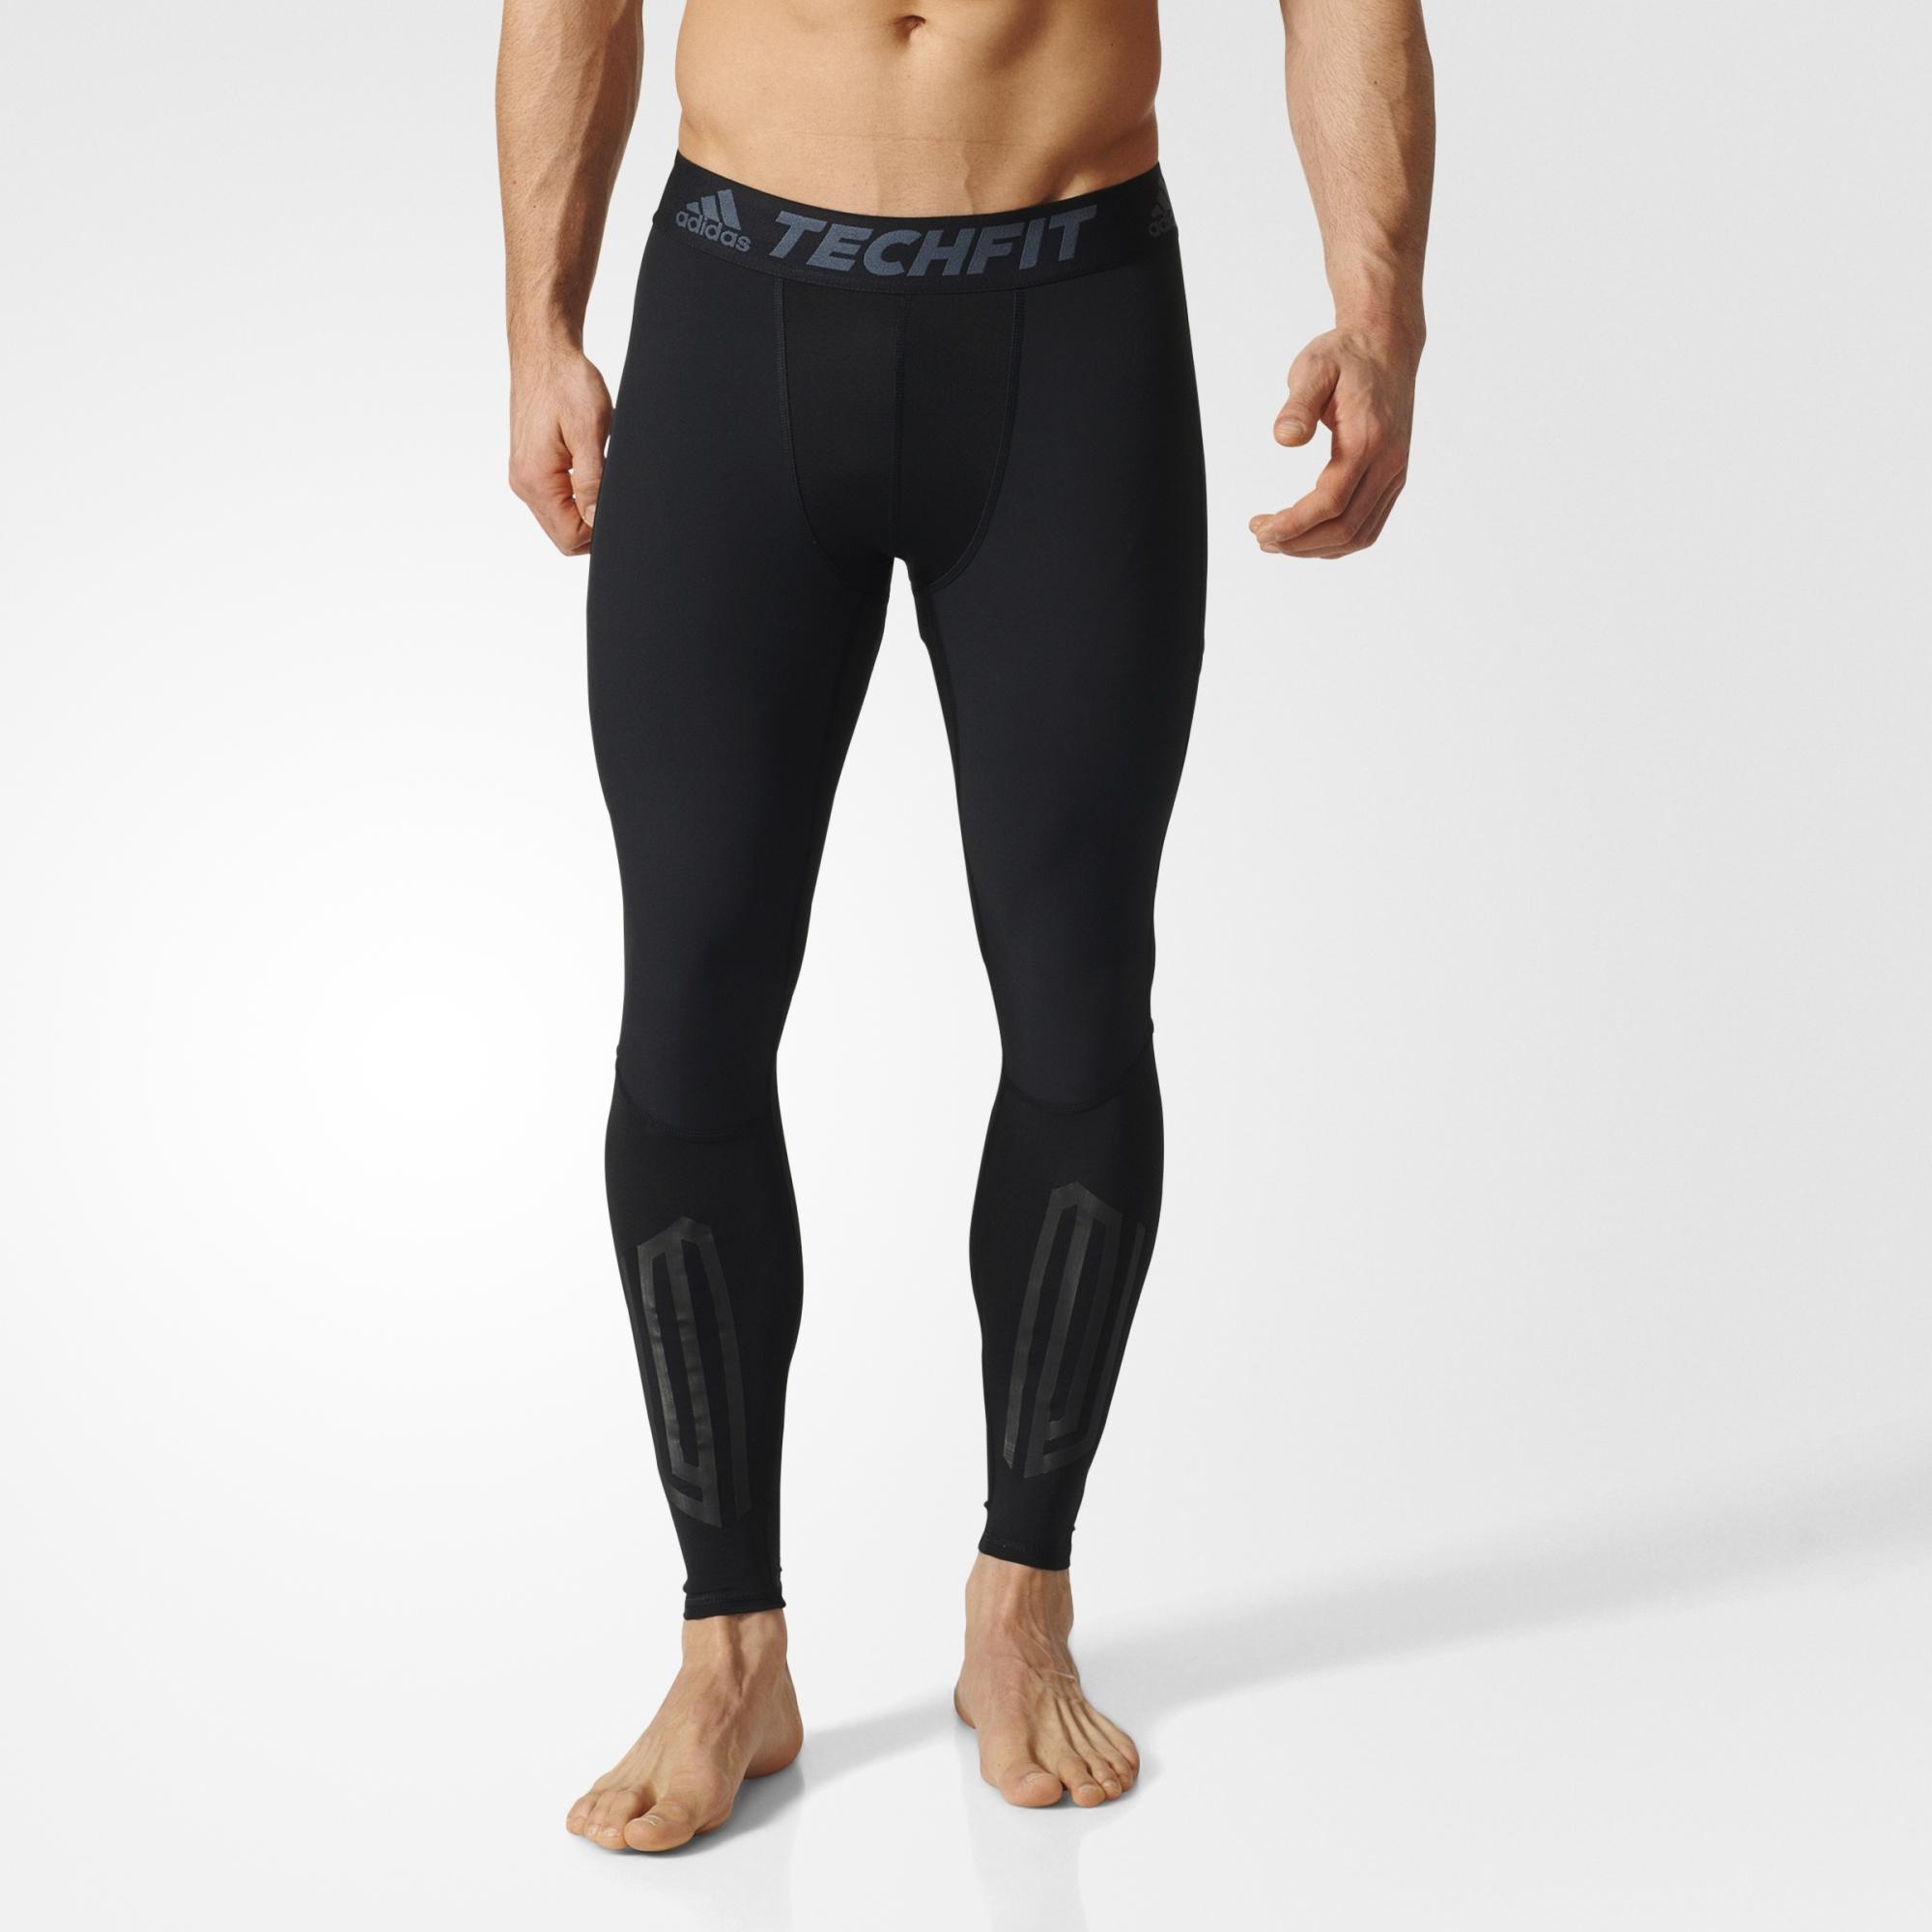 4c7f76ebd84e8 Najlepsze męskie legginsy sportowe nie krępują ruchów użytkownika. Dlatego  jednym z najważniejszych czynników podczas wyboru własnej pary jest  materiał